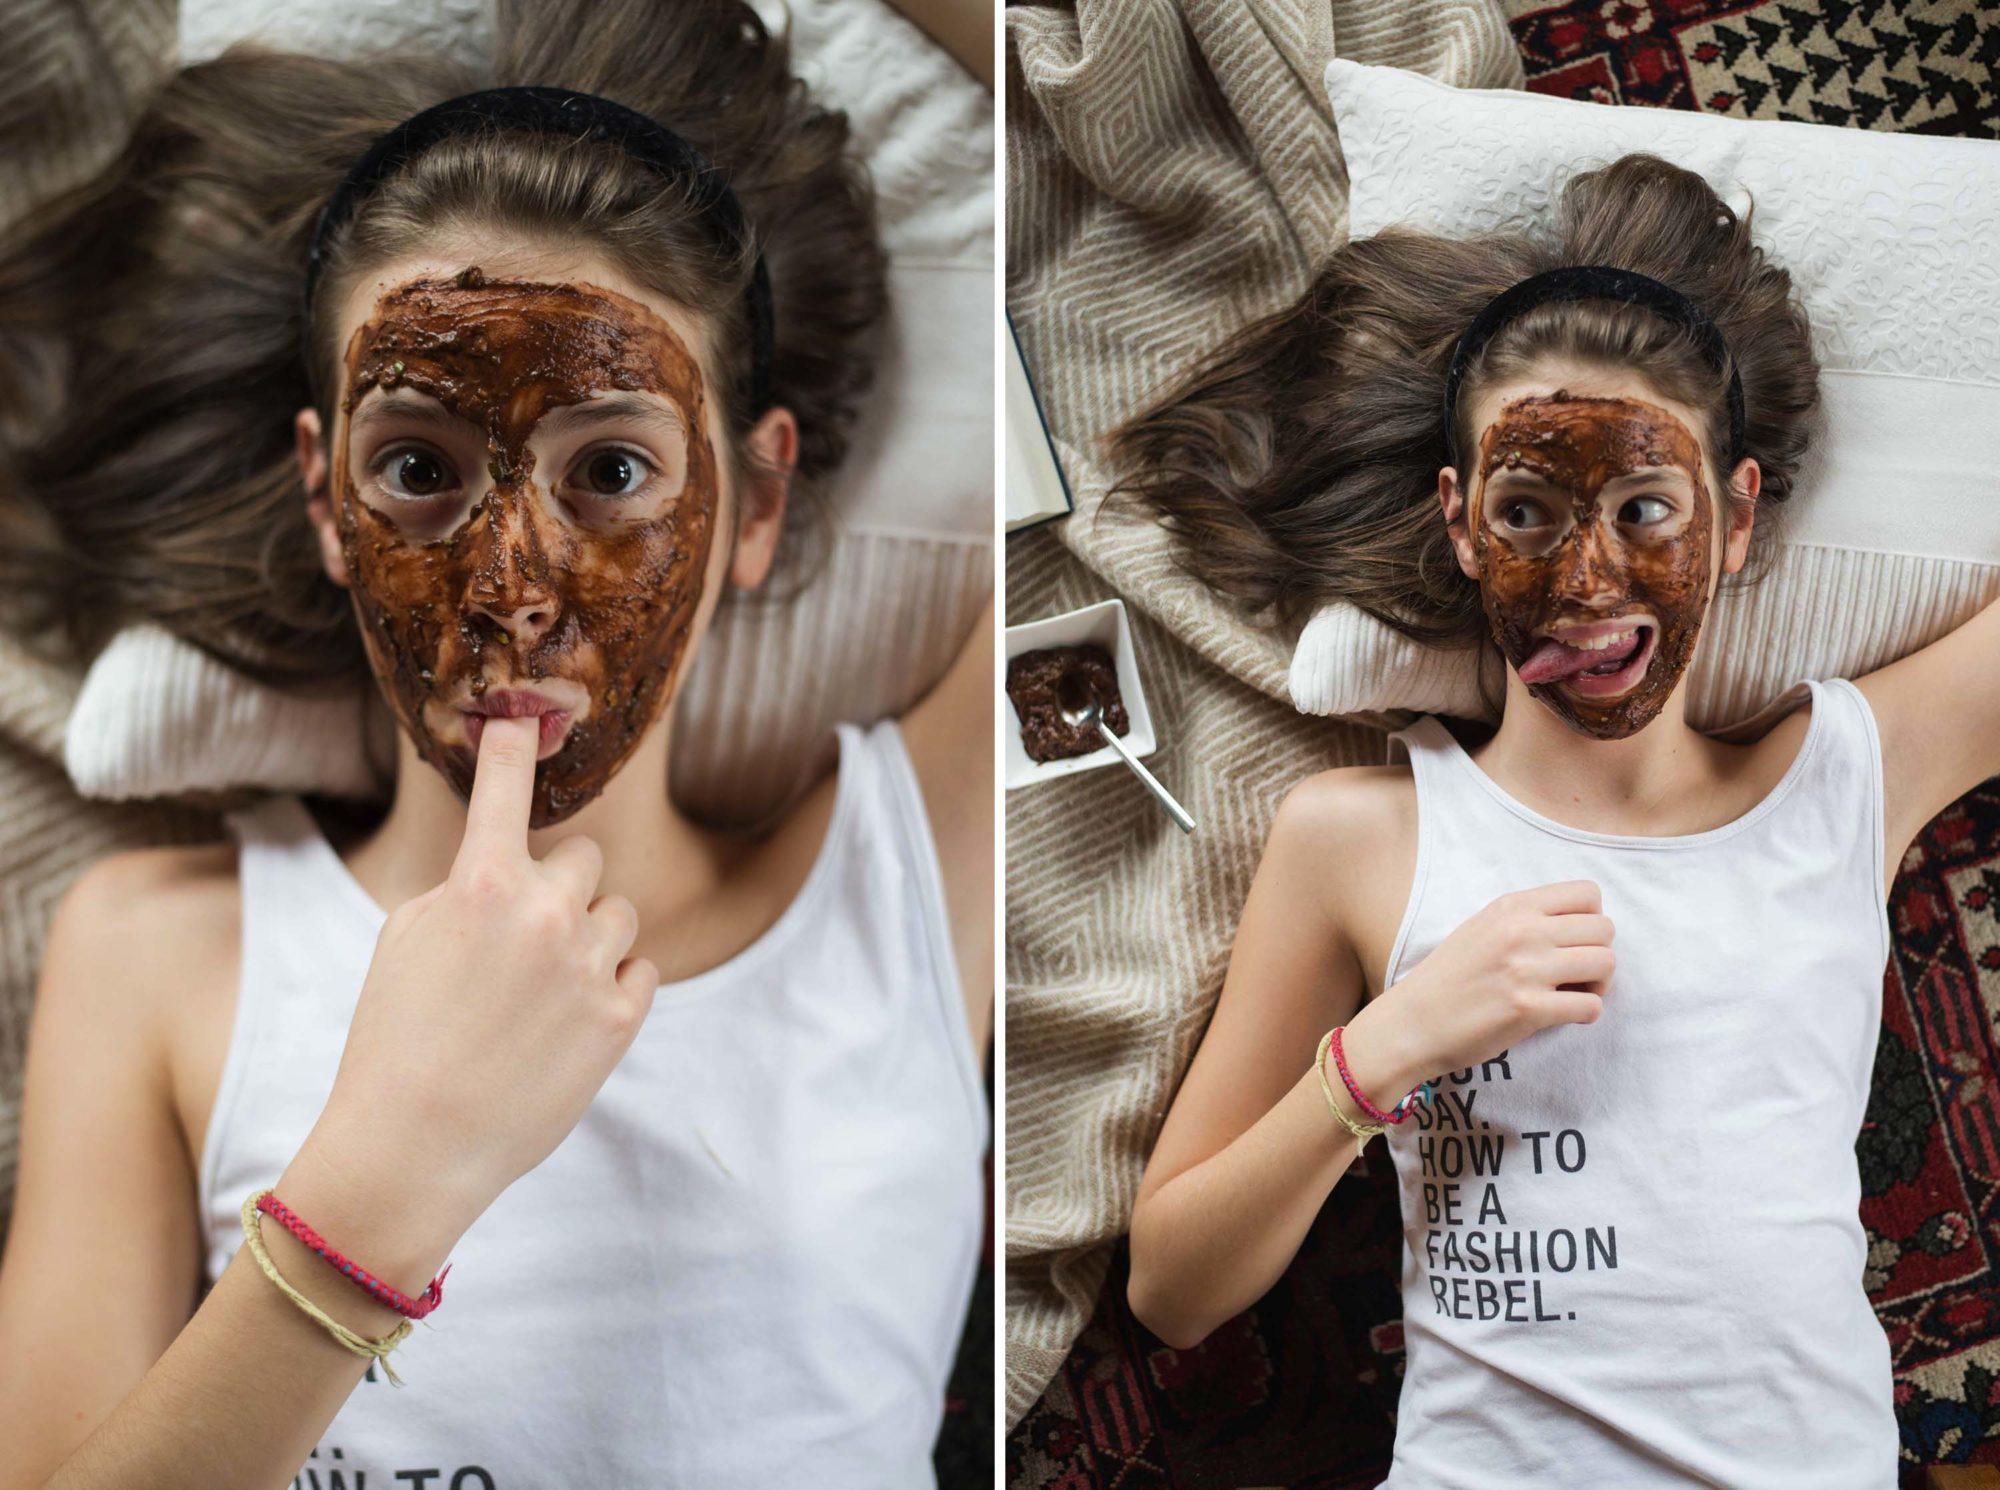 Vegane Schokoladen Gesichtsmaske Schoko Avokado Banane Mädelsabend Dogdays of Summer Vintage Onlineshop Graz Österreich Blog Steiermark